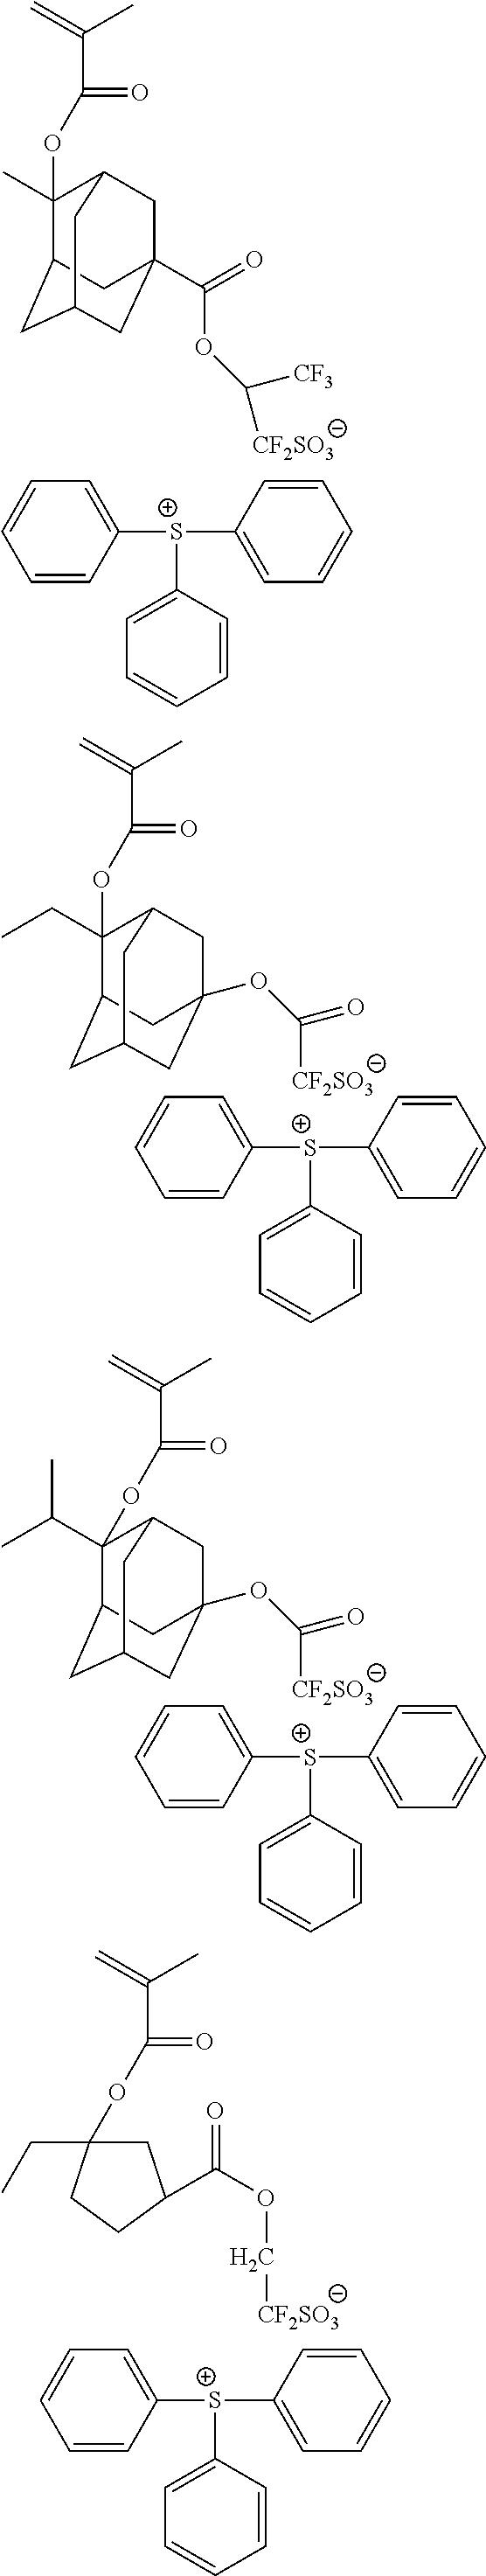 Figure US20110269074A1-20111103-C00007